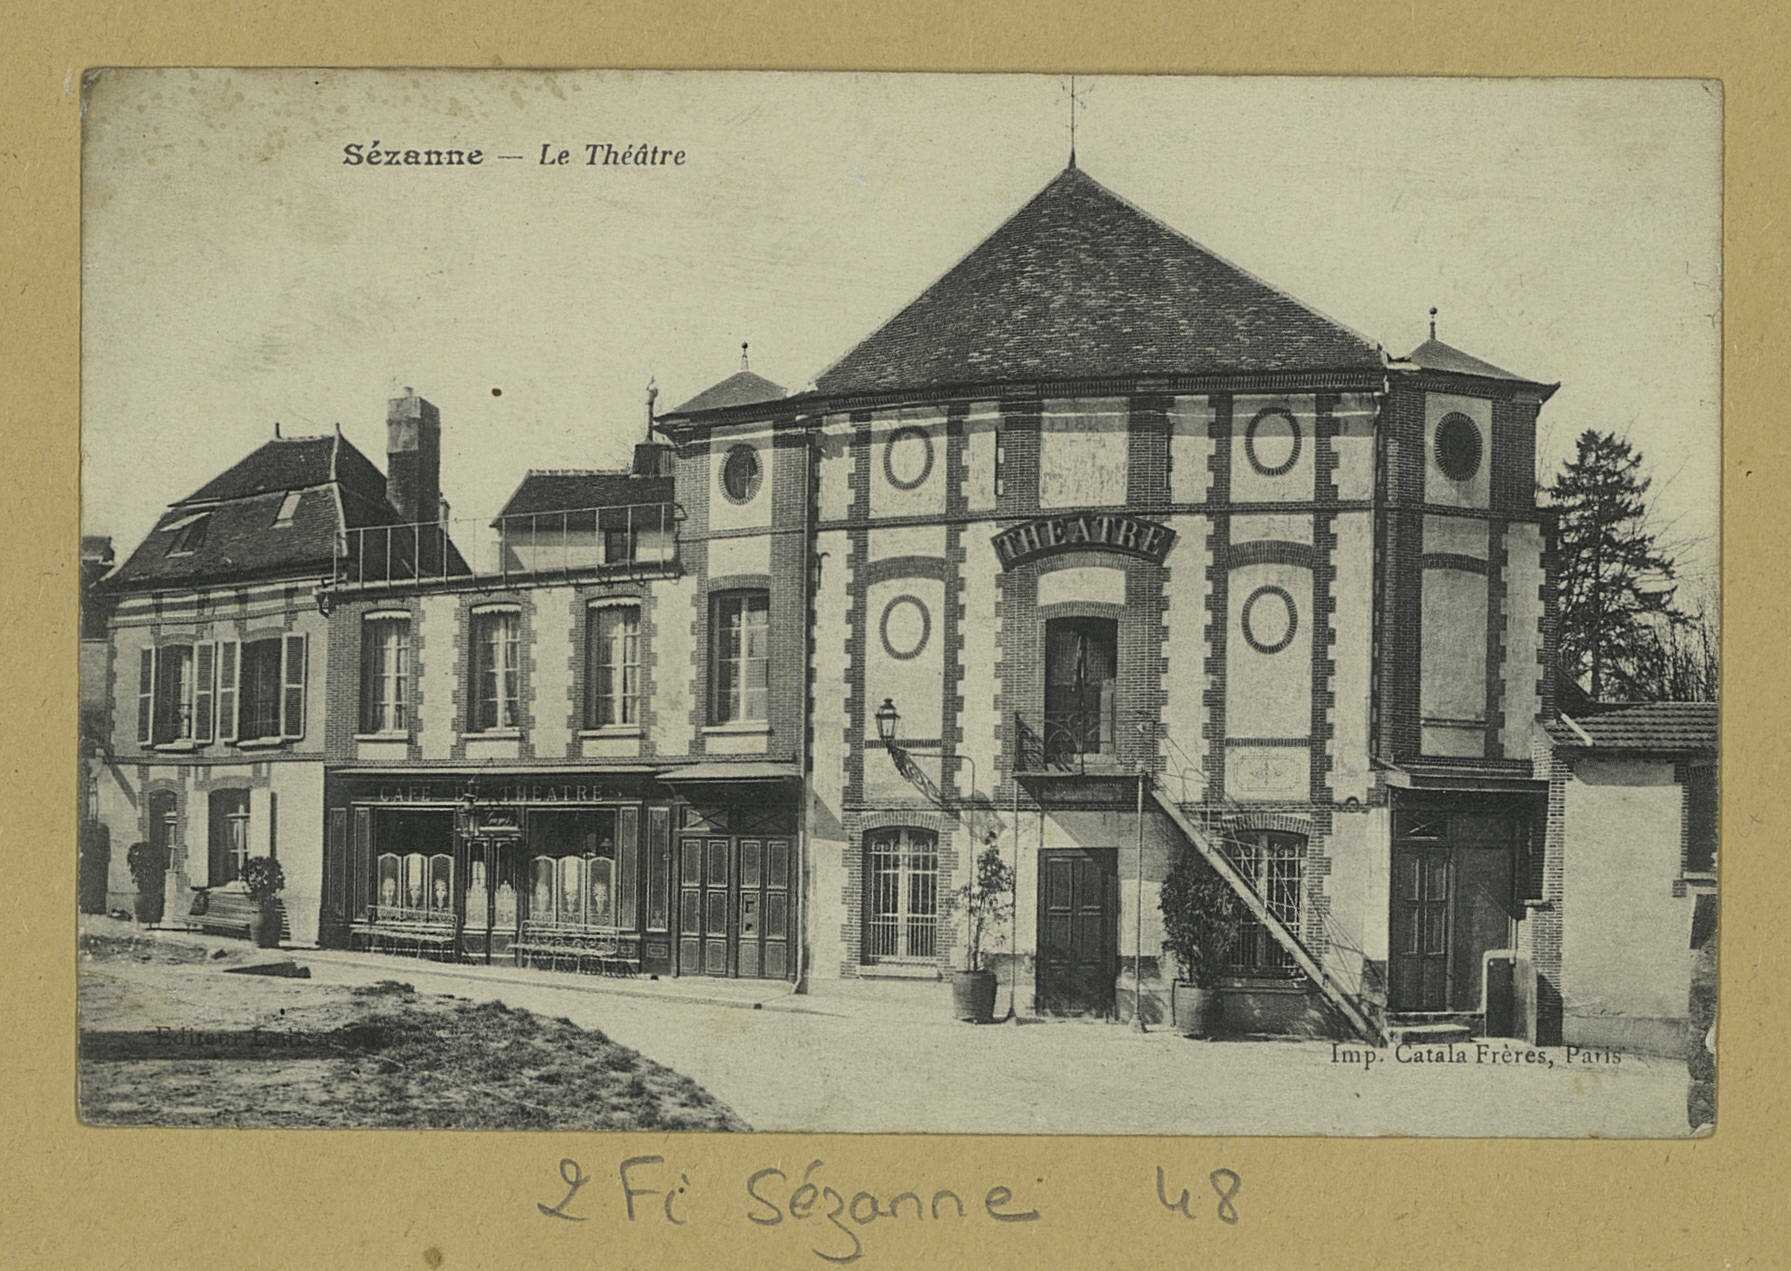 SÉZANNE. Le Théâtre. (75 - Paris Imp. Catala frères). [vers 1915]